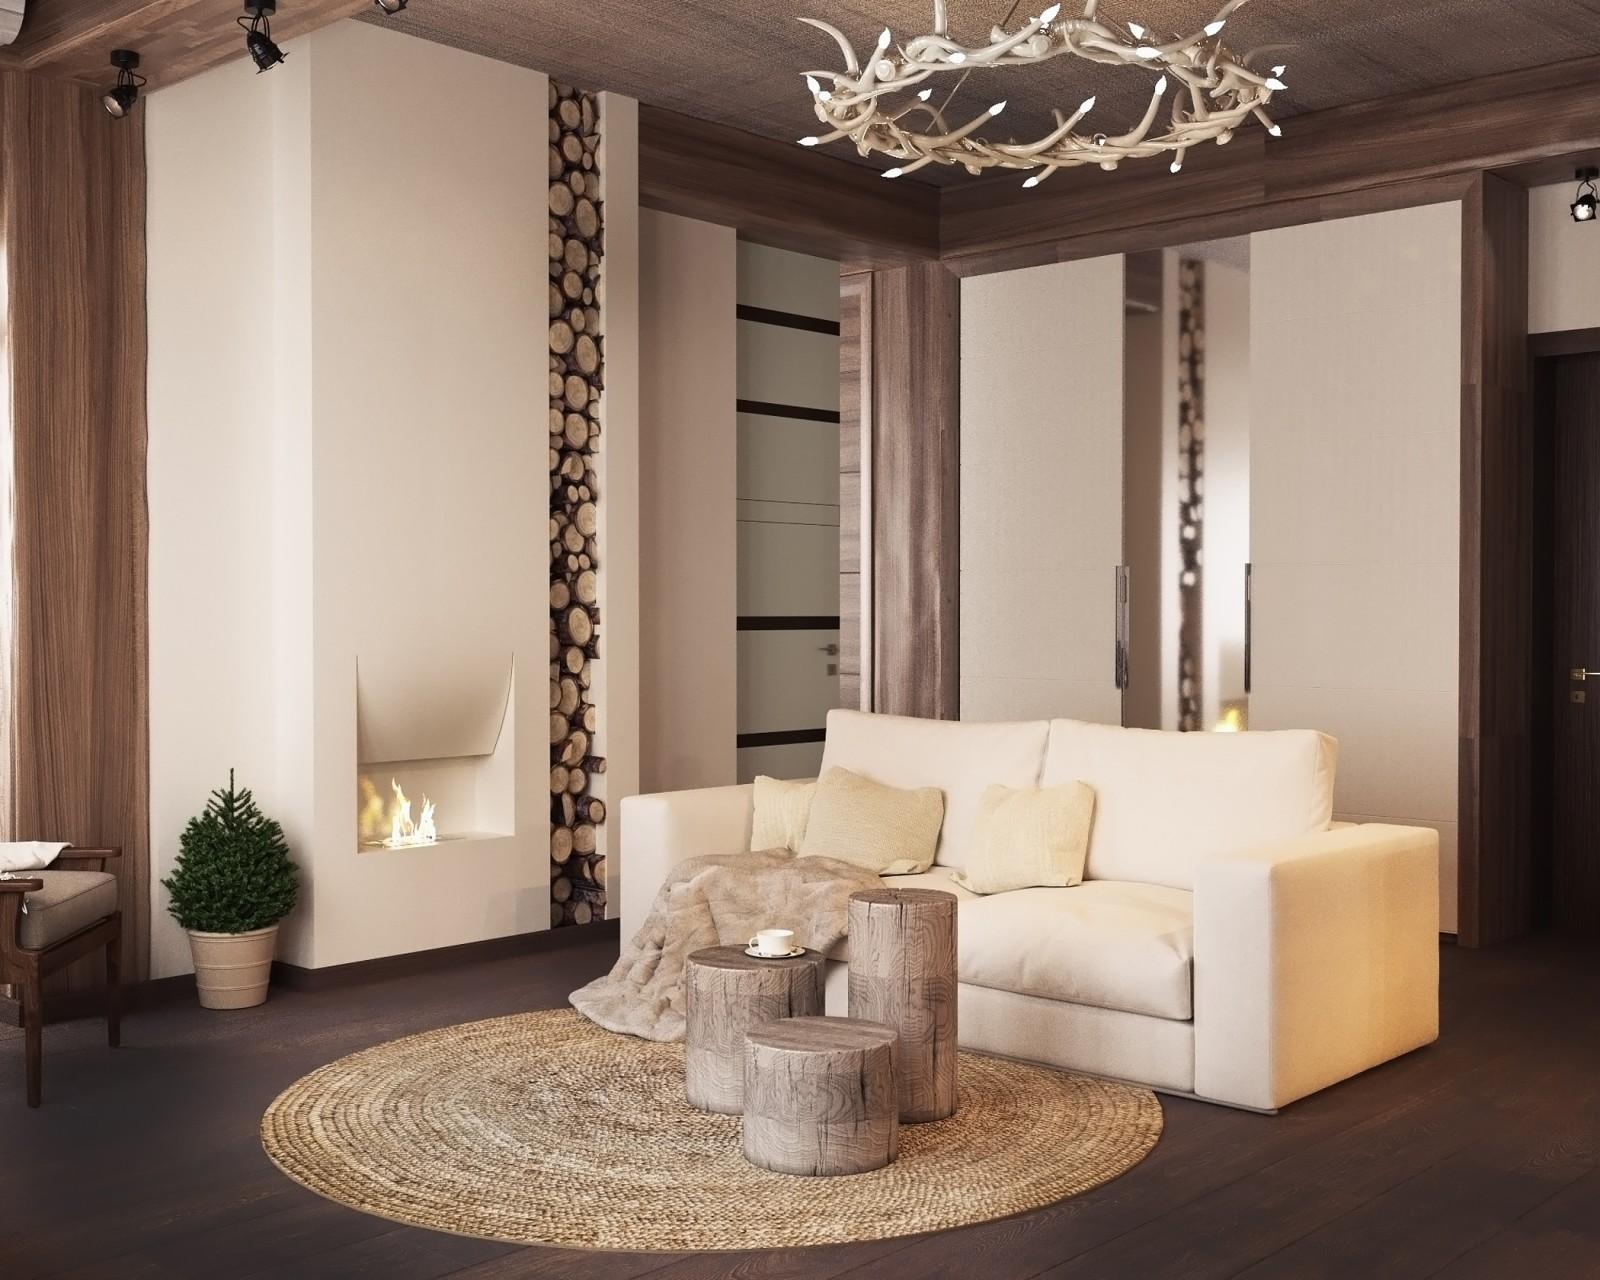 Дизайн интерьера гостевой зоны п. Красная поляна от Студии FRINO